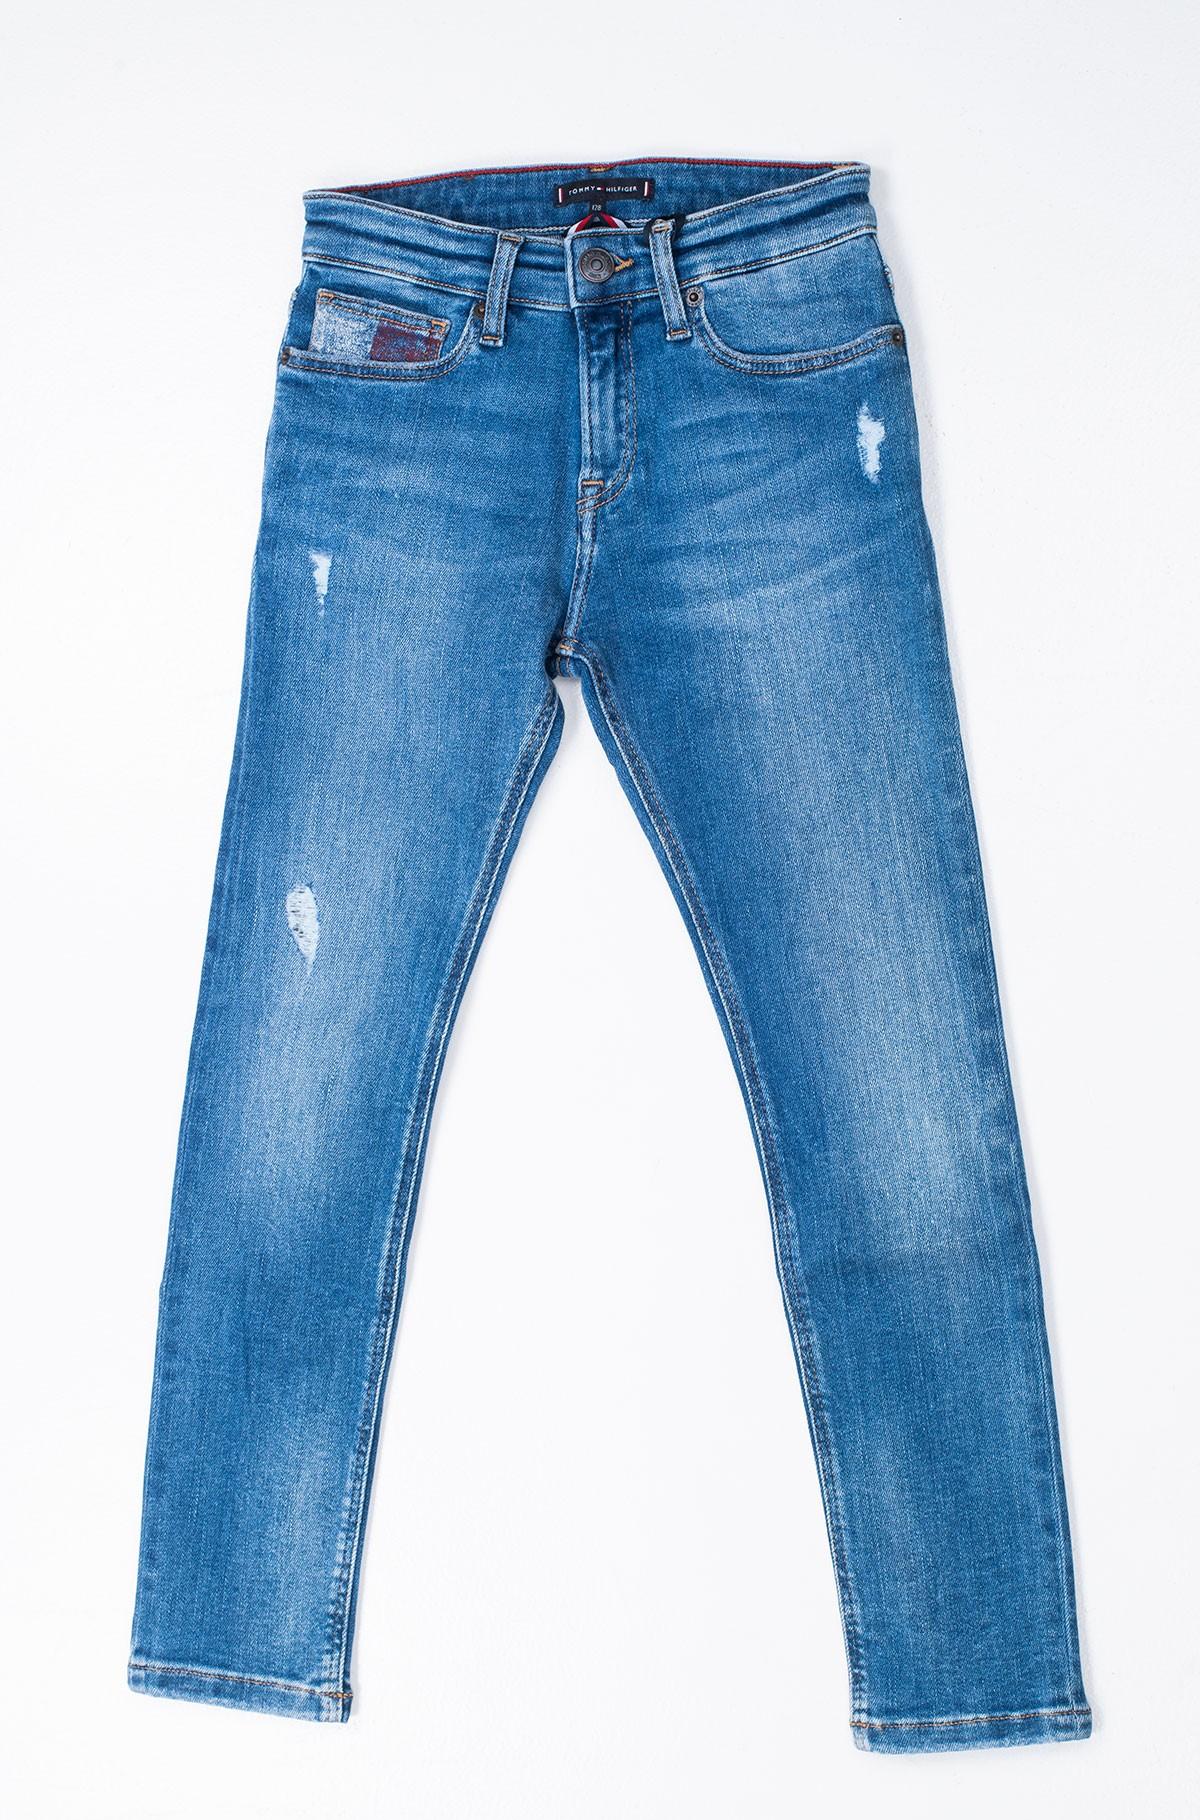 Vaikiškos džinsinės kelnės STEVE SLIM TAPERED AUMBSTD-full-1